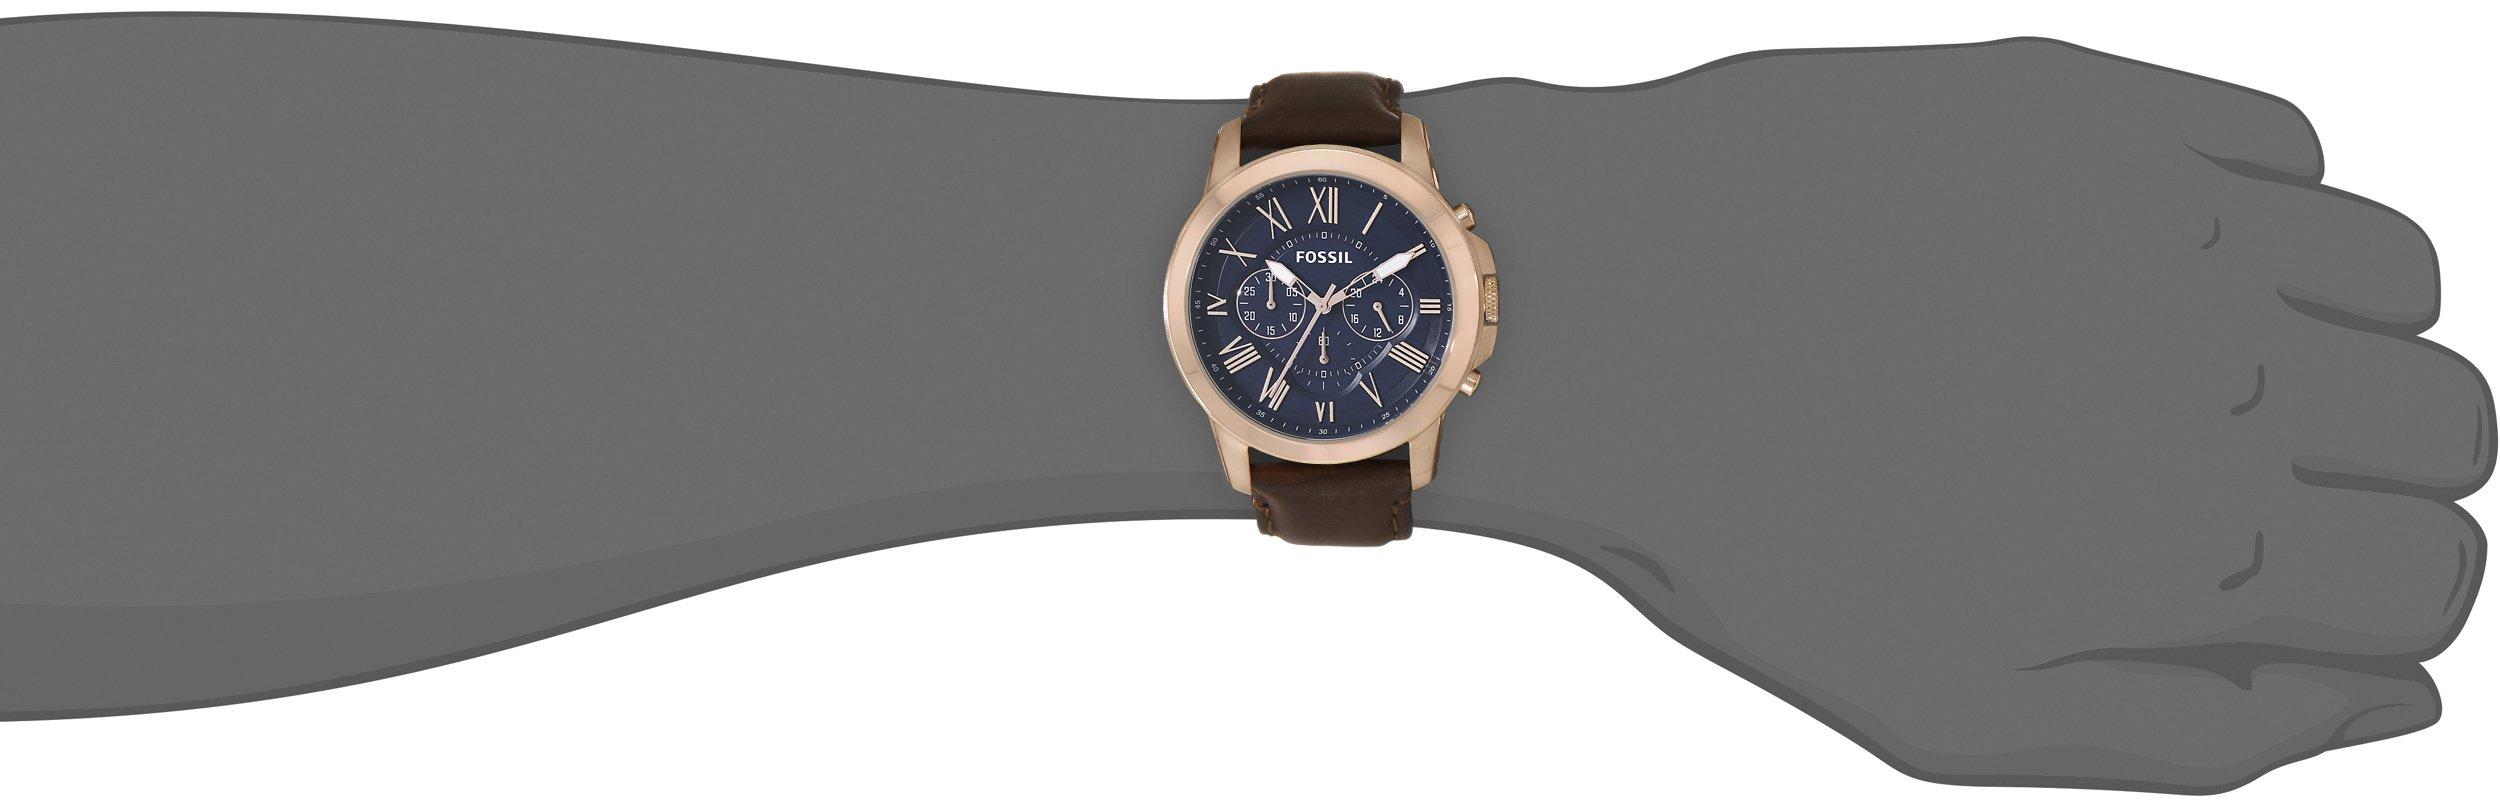 FOSSIL Grant – Reloj de pulsera